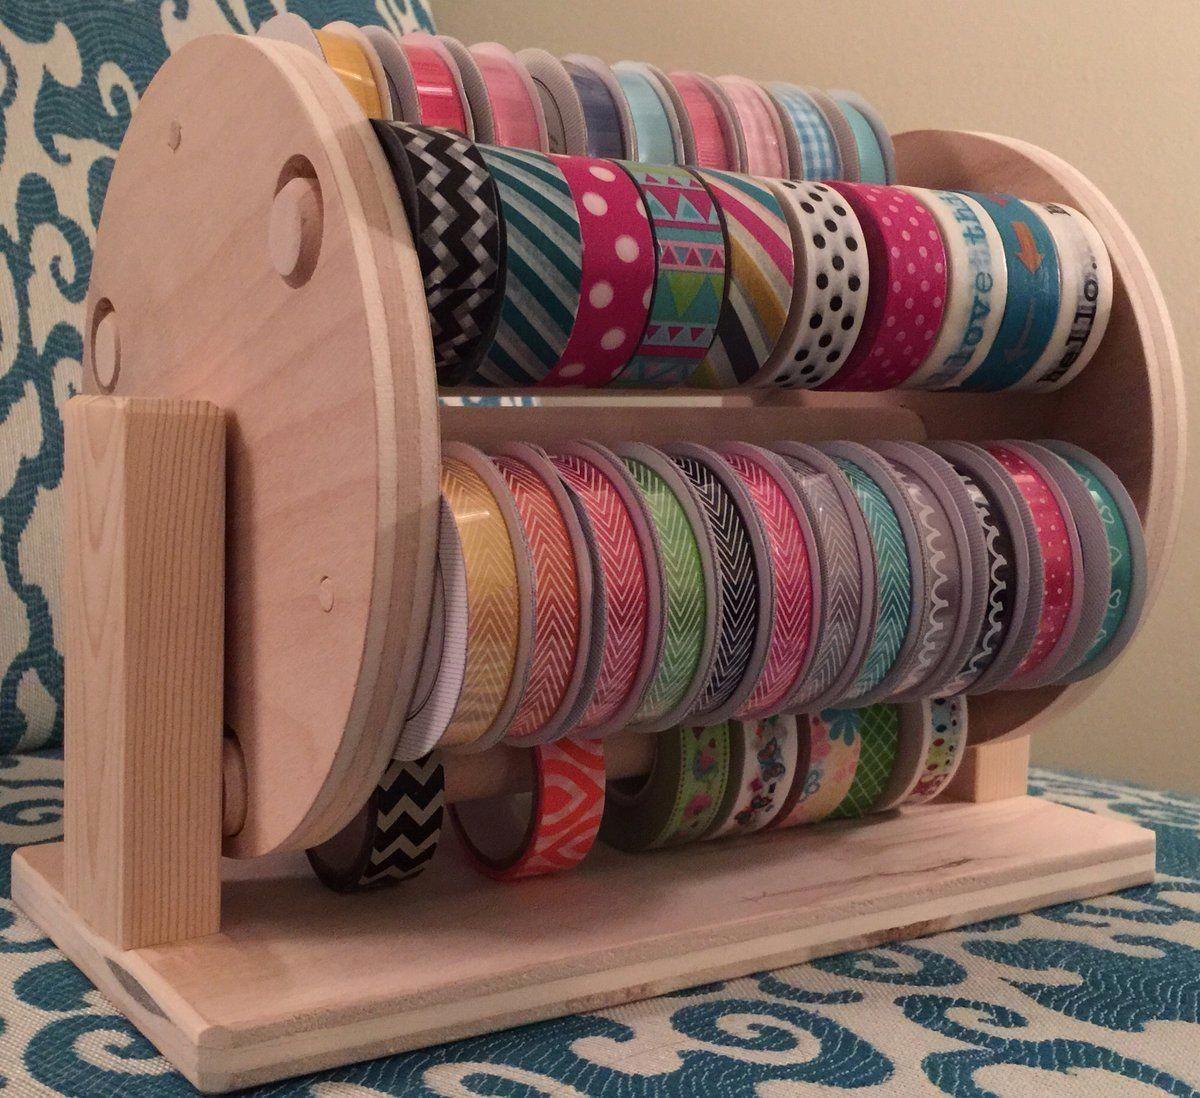 Willing Craft Supplies Wholesale Craftastherapy Suppliescraftjewelrymaking Bastelzimmer Design Bastelmaterial Aufbewahrung Bastelraum